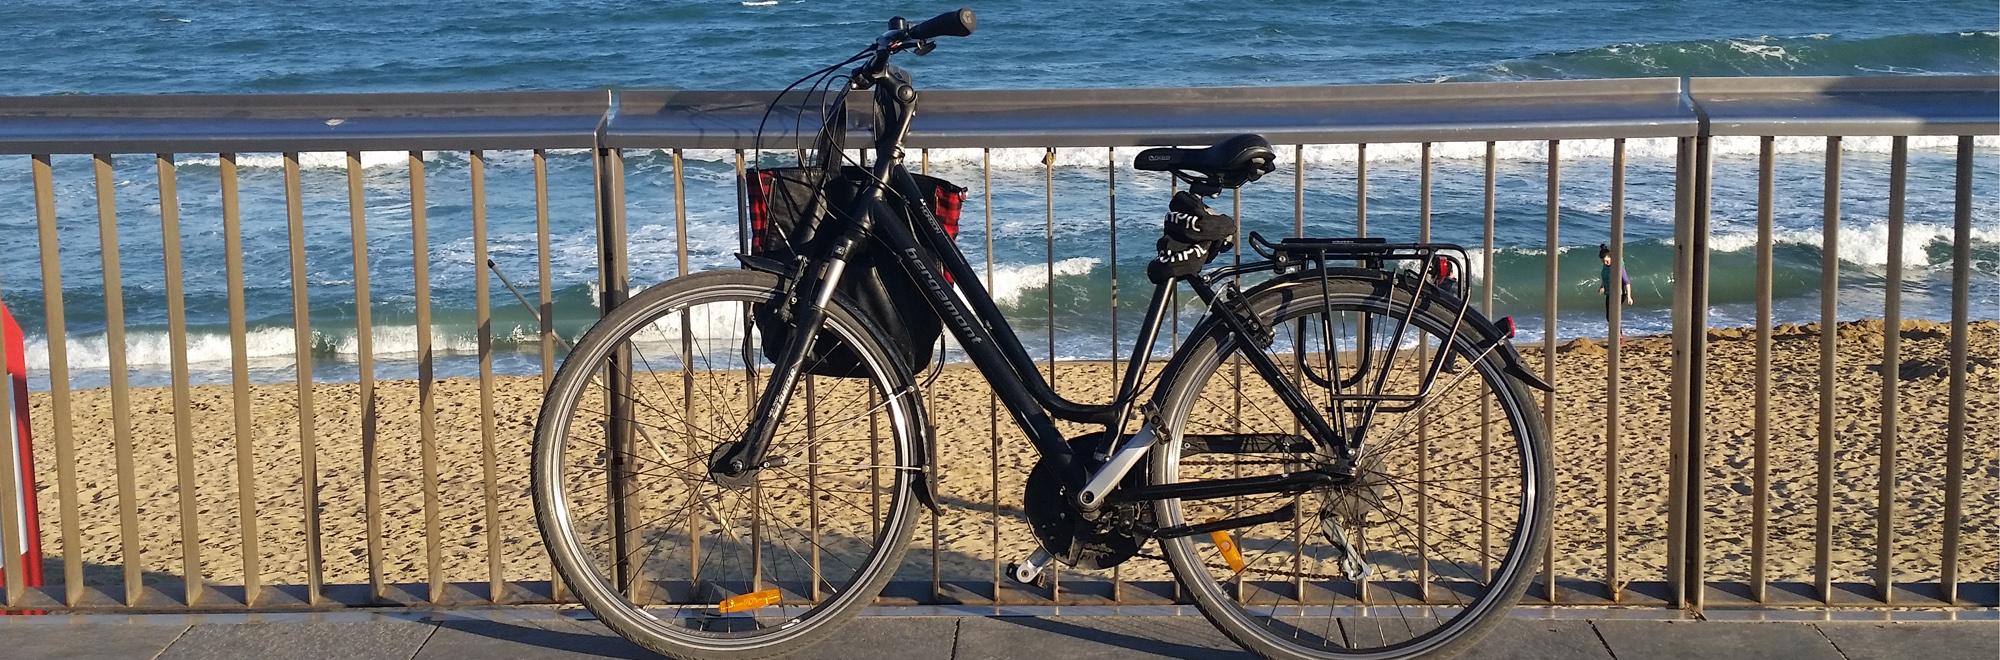 fiets-strand-2000X660